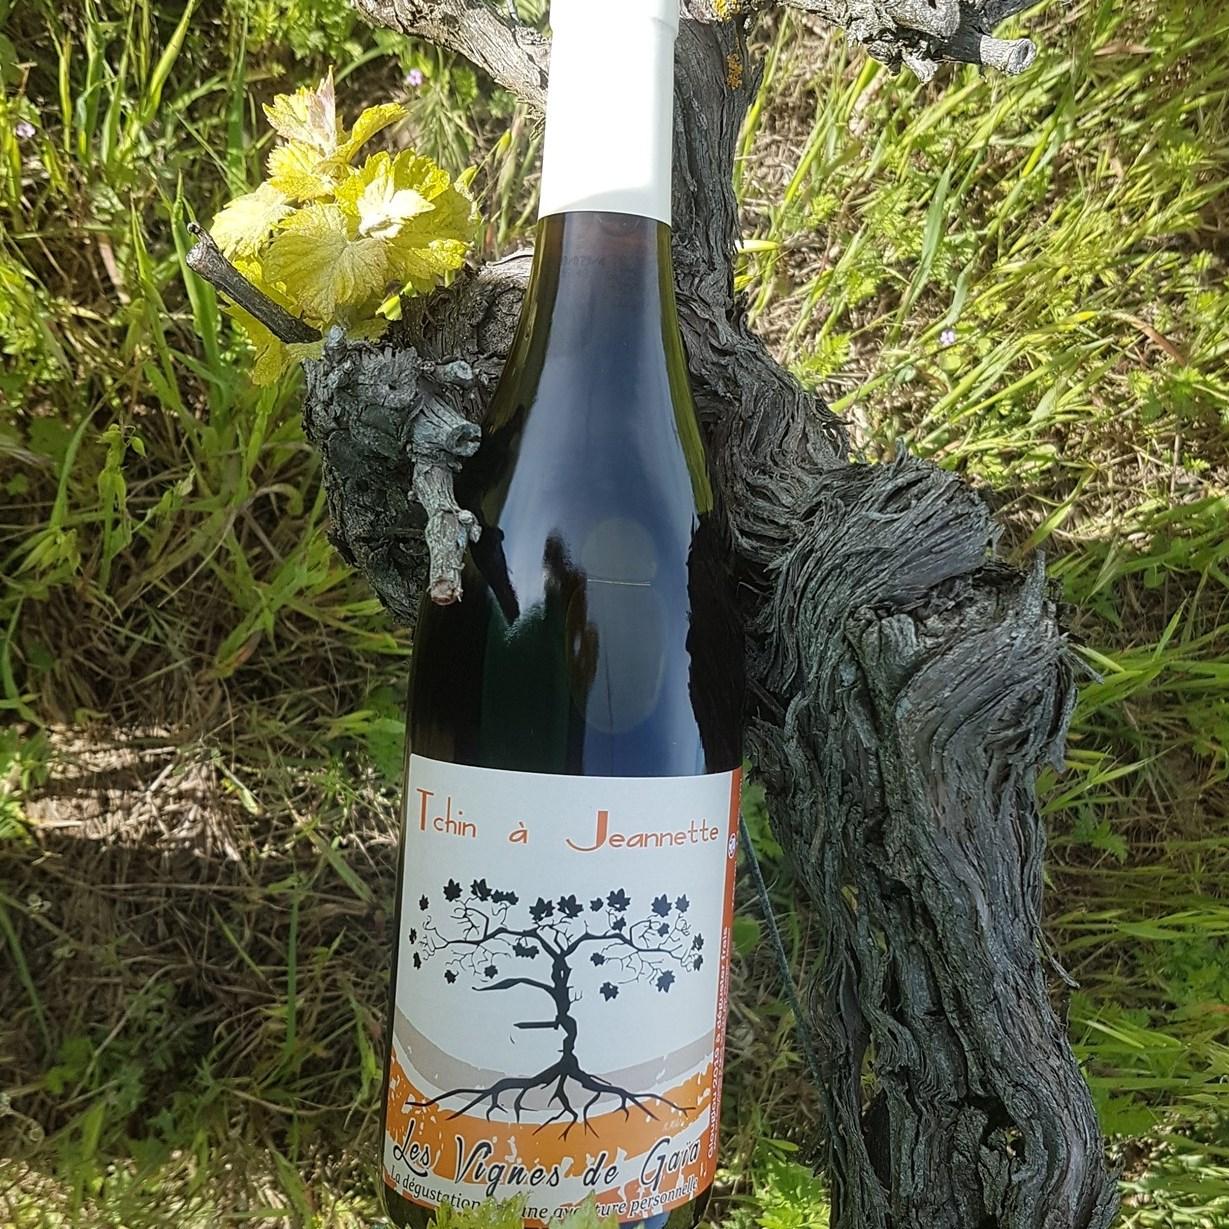 Philippe-Blatier-Vin-nature-en-ligne-Tchin-a-Jeannette-rouge-rosé-bouteille-carton